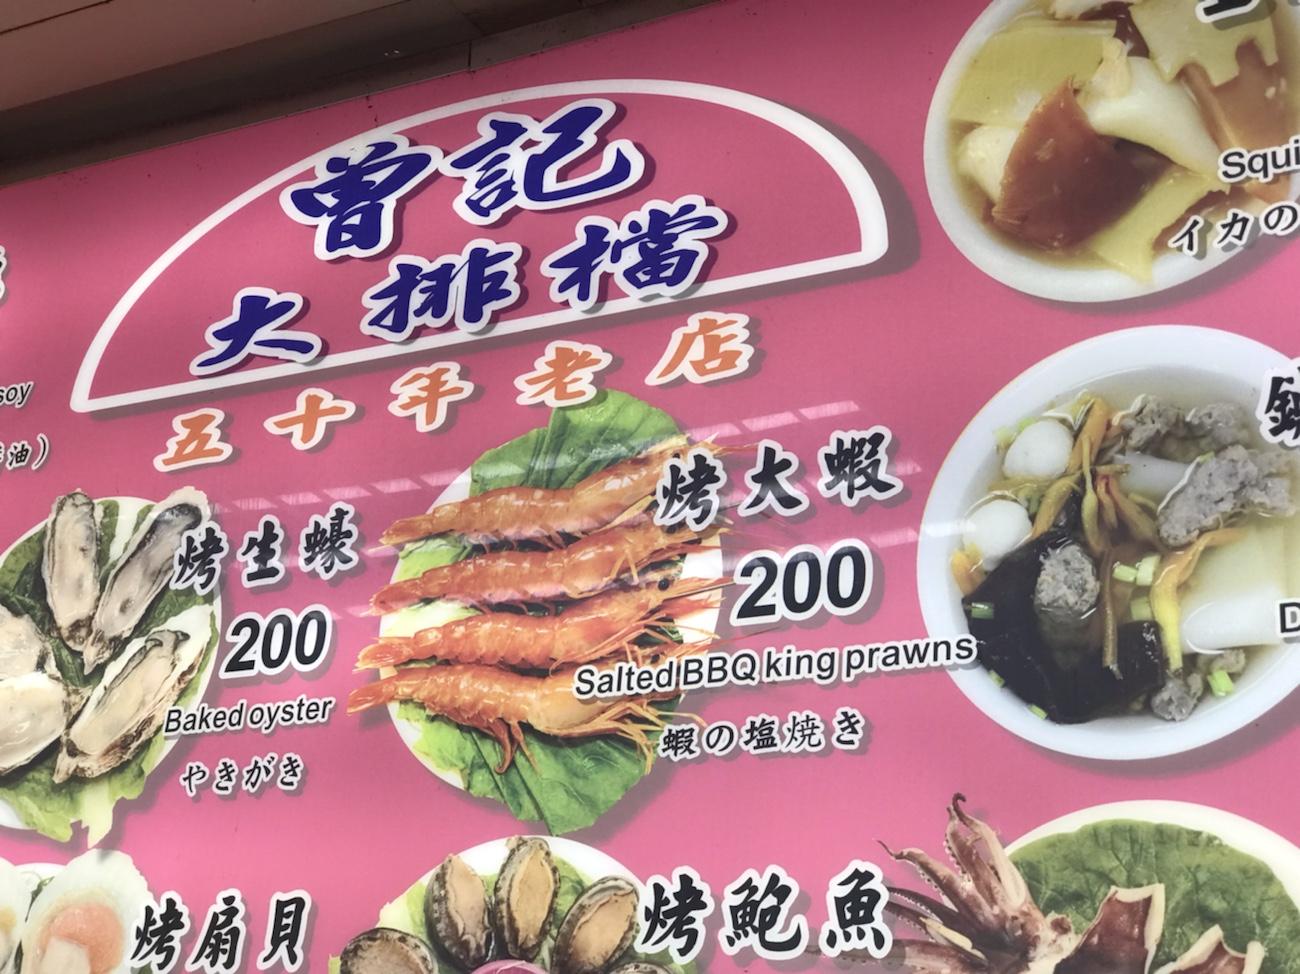 台湾グルメ食べ歩き 士林夜市 曾記大排檔メニュー